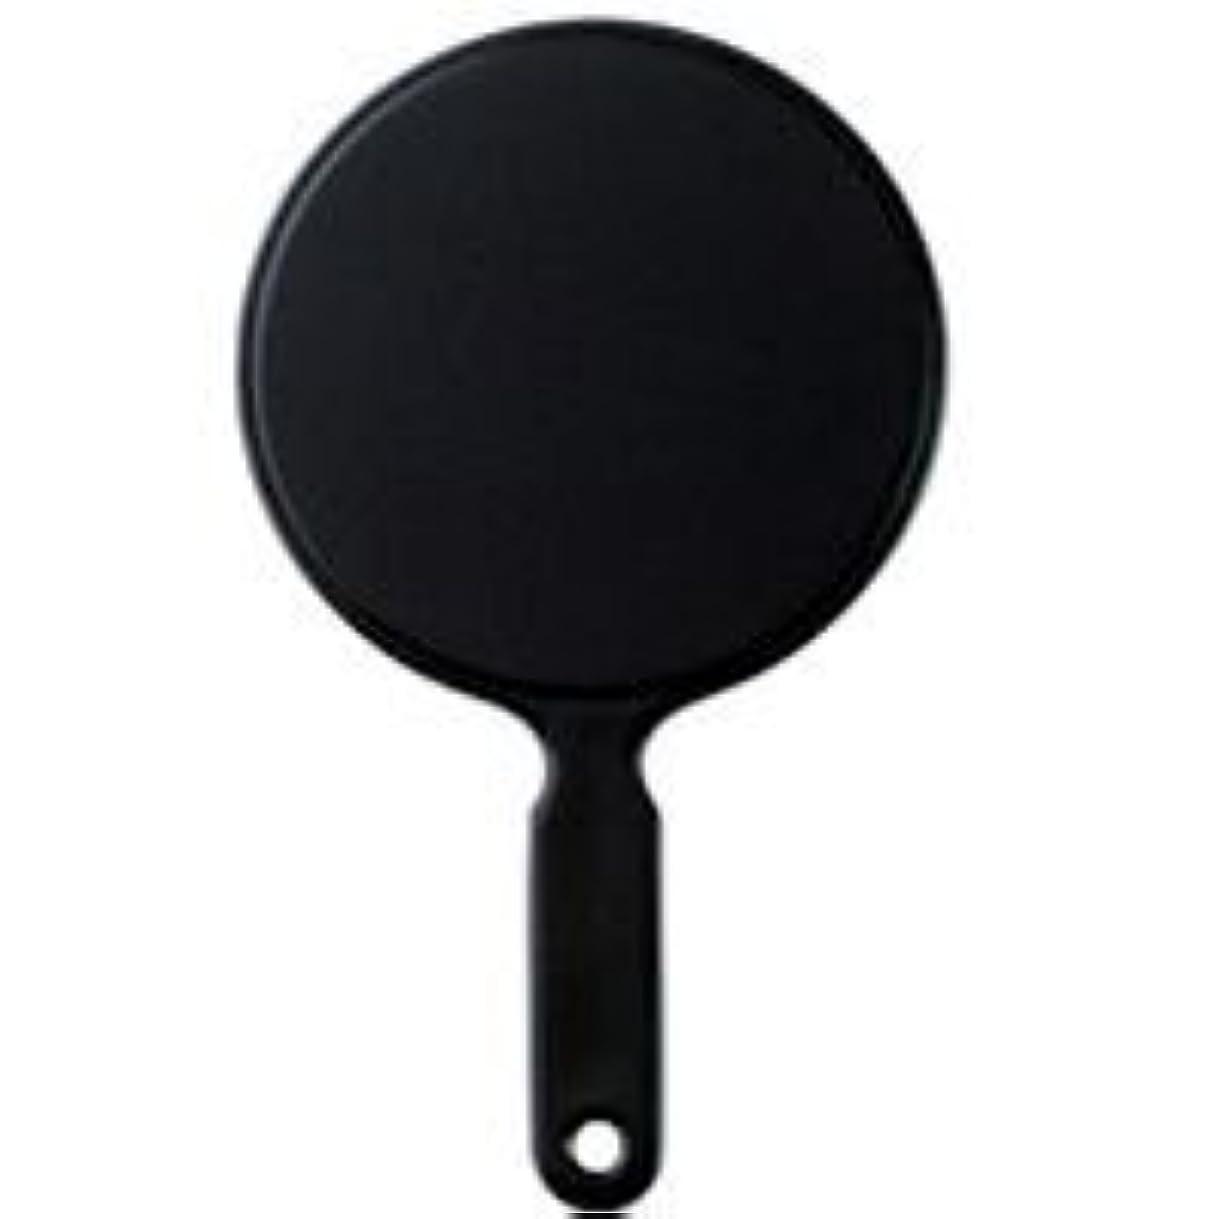 アウター蒸気磁気ハンドミラー L ブラック S-950